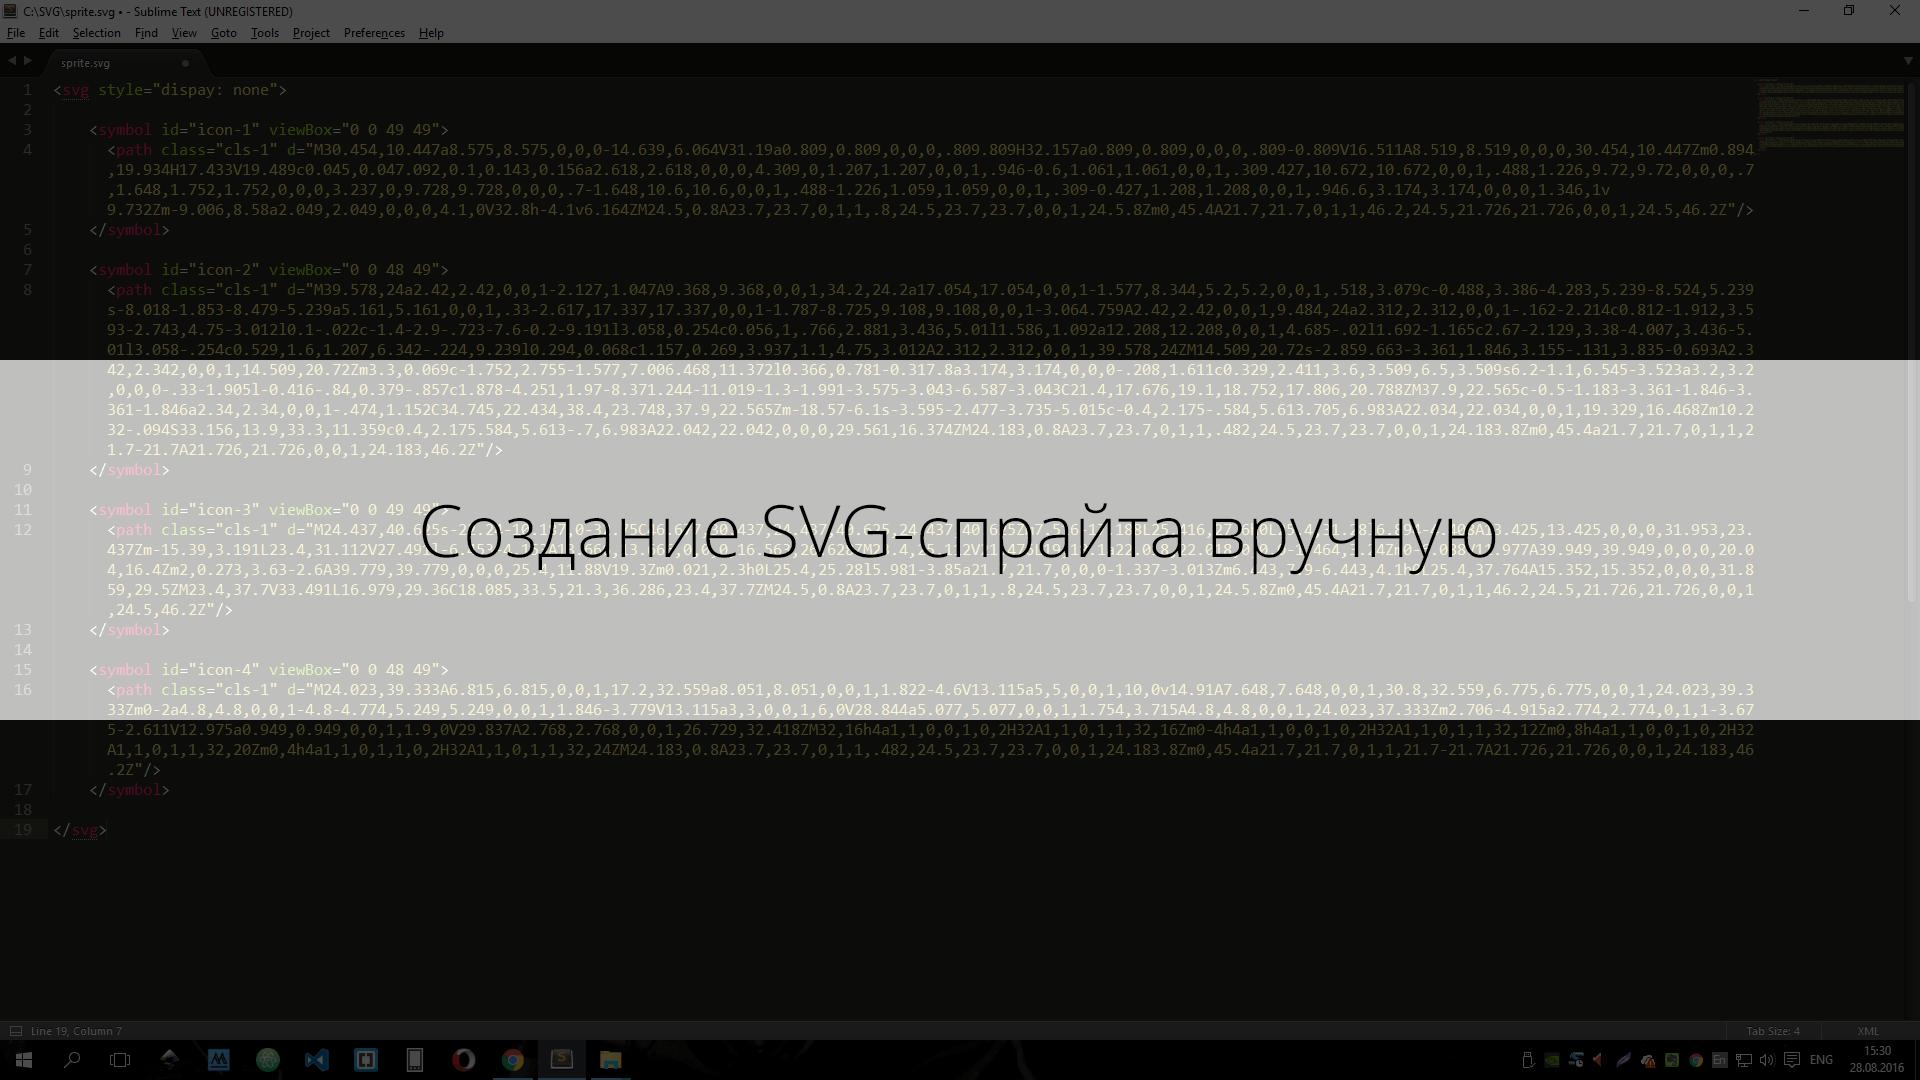 Создание SVG-спрайта вручную